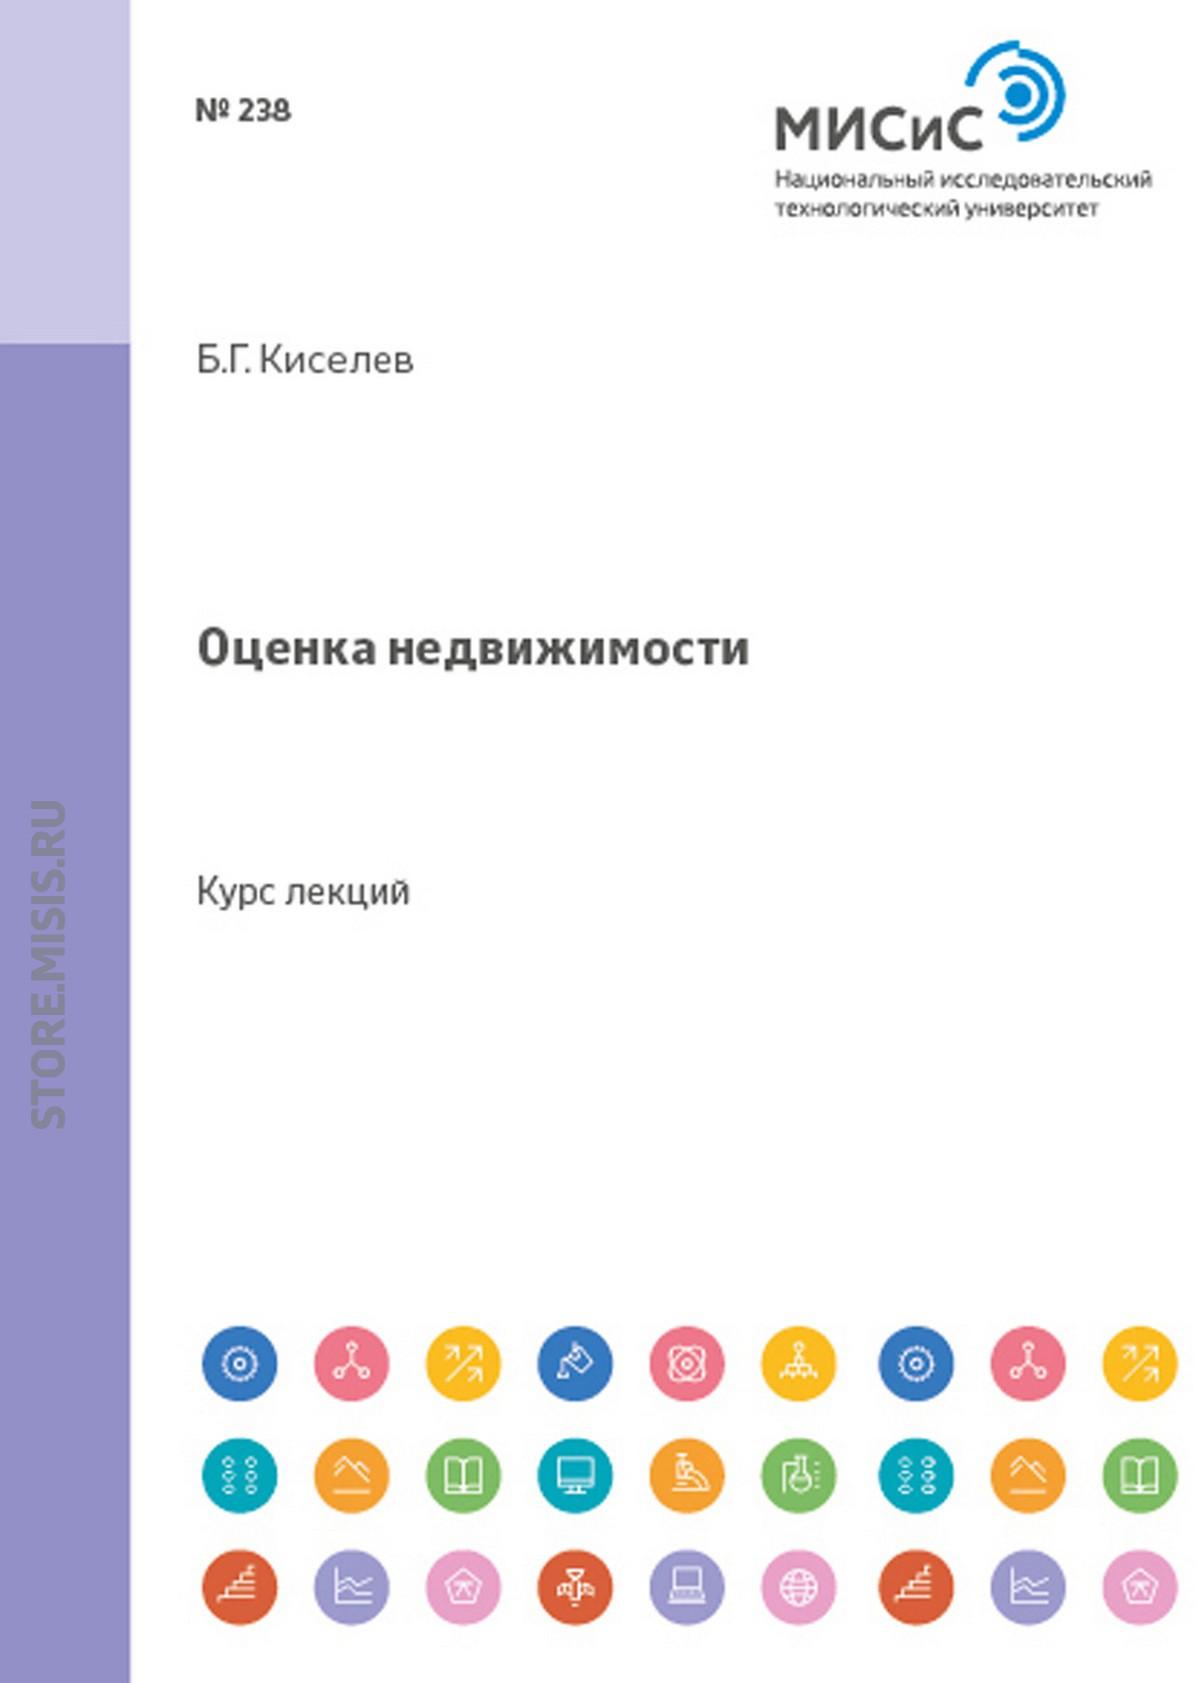 цена на Борис Киселев Оценка недвижимости